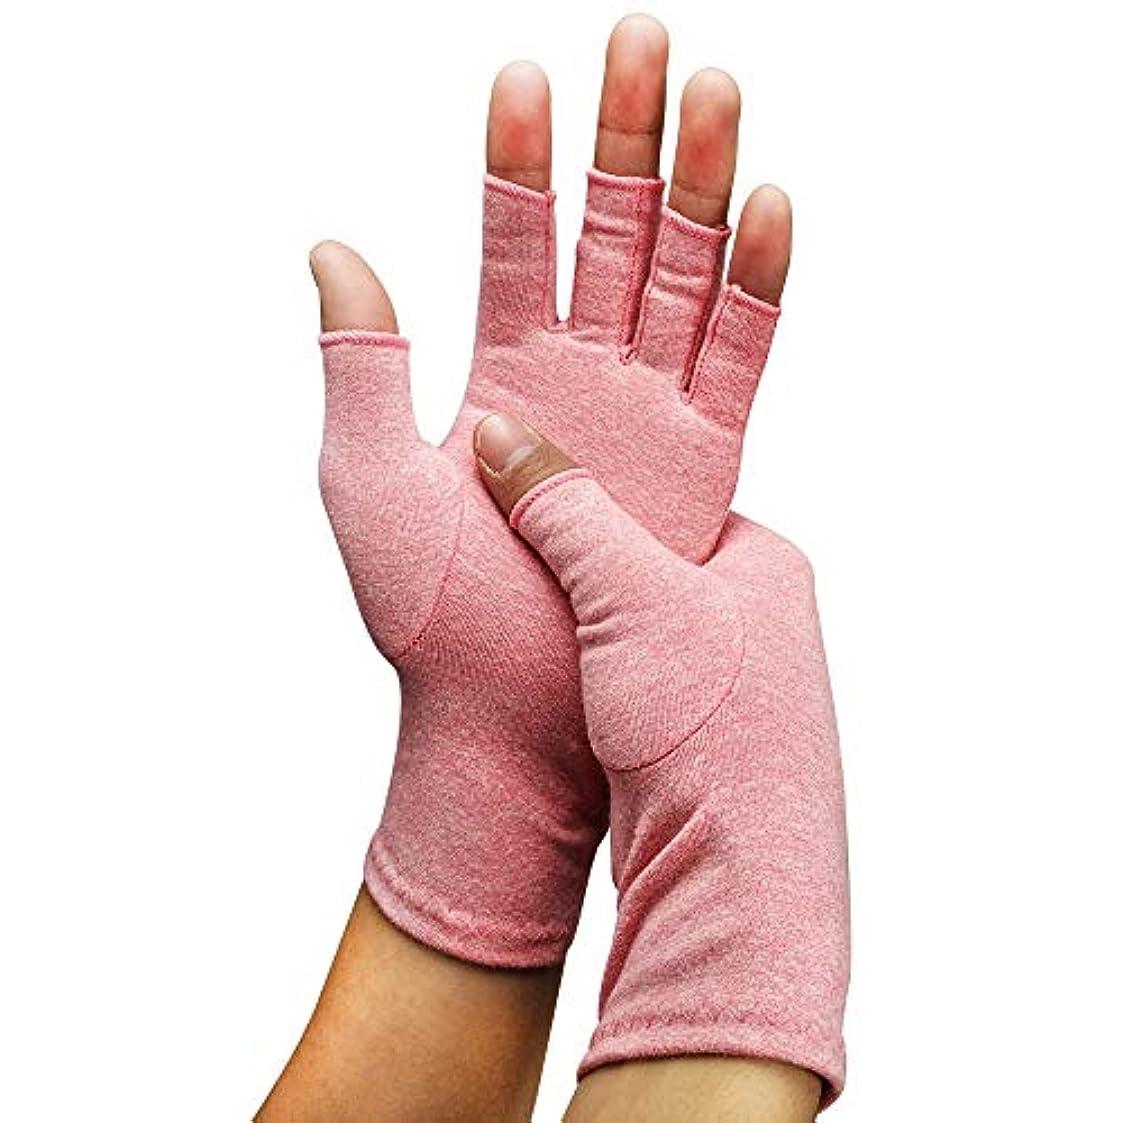 節約中止します盗難親指ブレース - 関節炎、腱炎などのための親指スピカ副子男性と女性のための右手と左手の両方にフィット